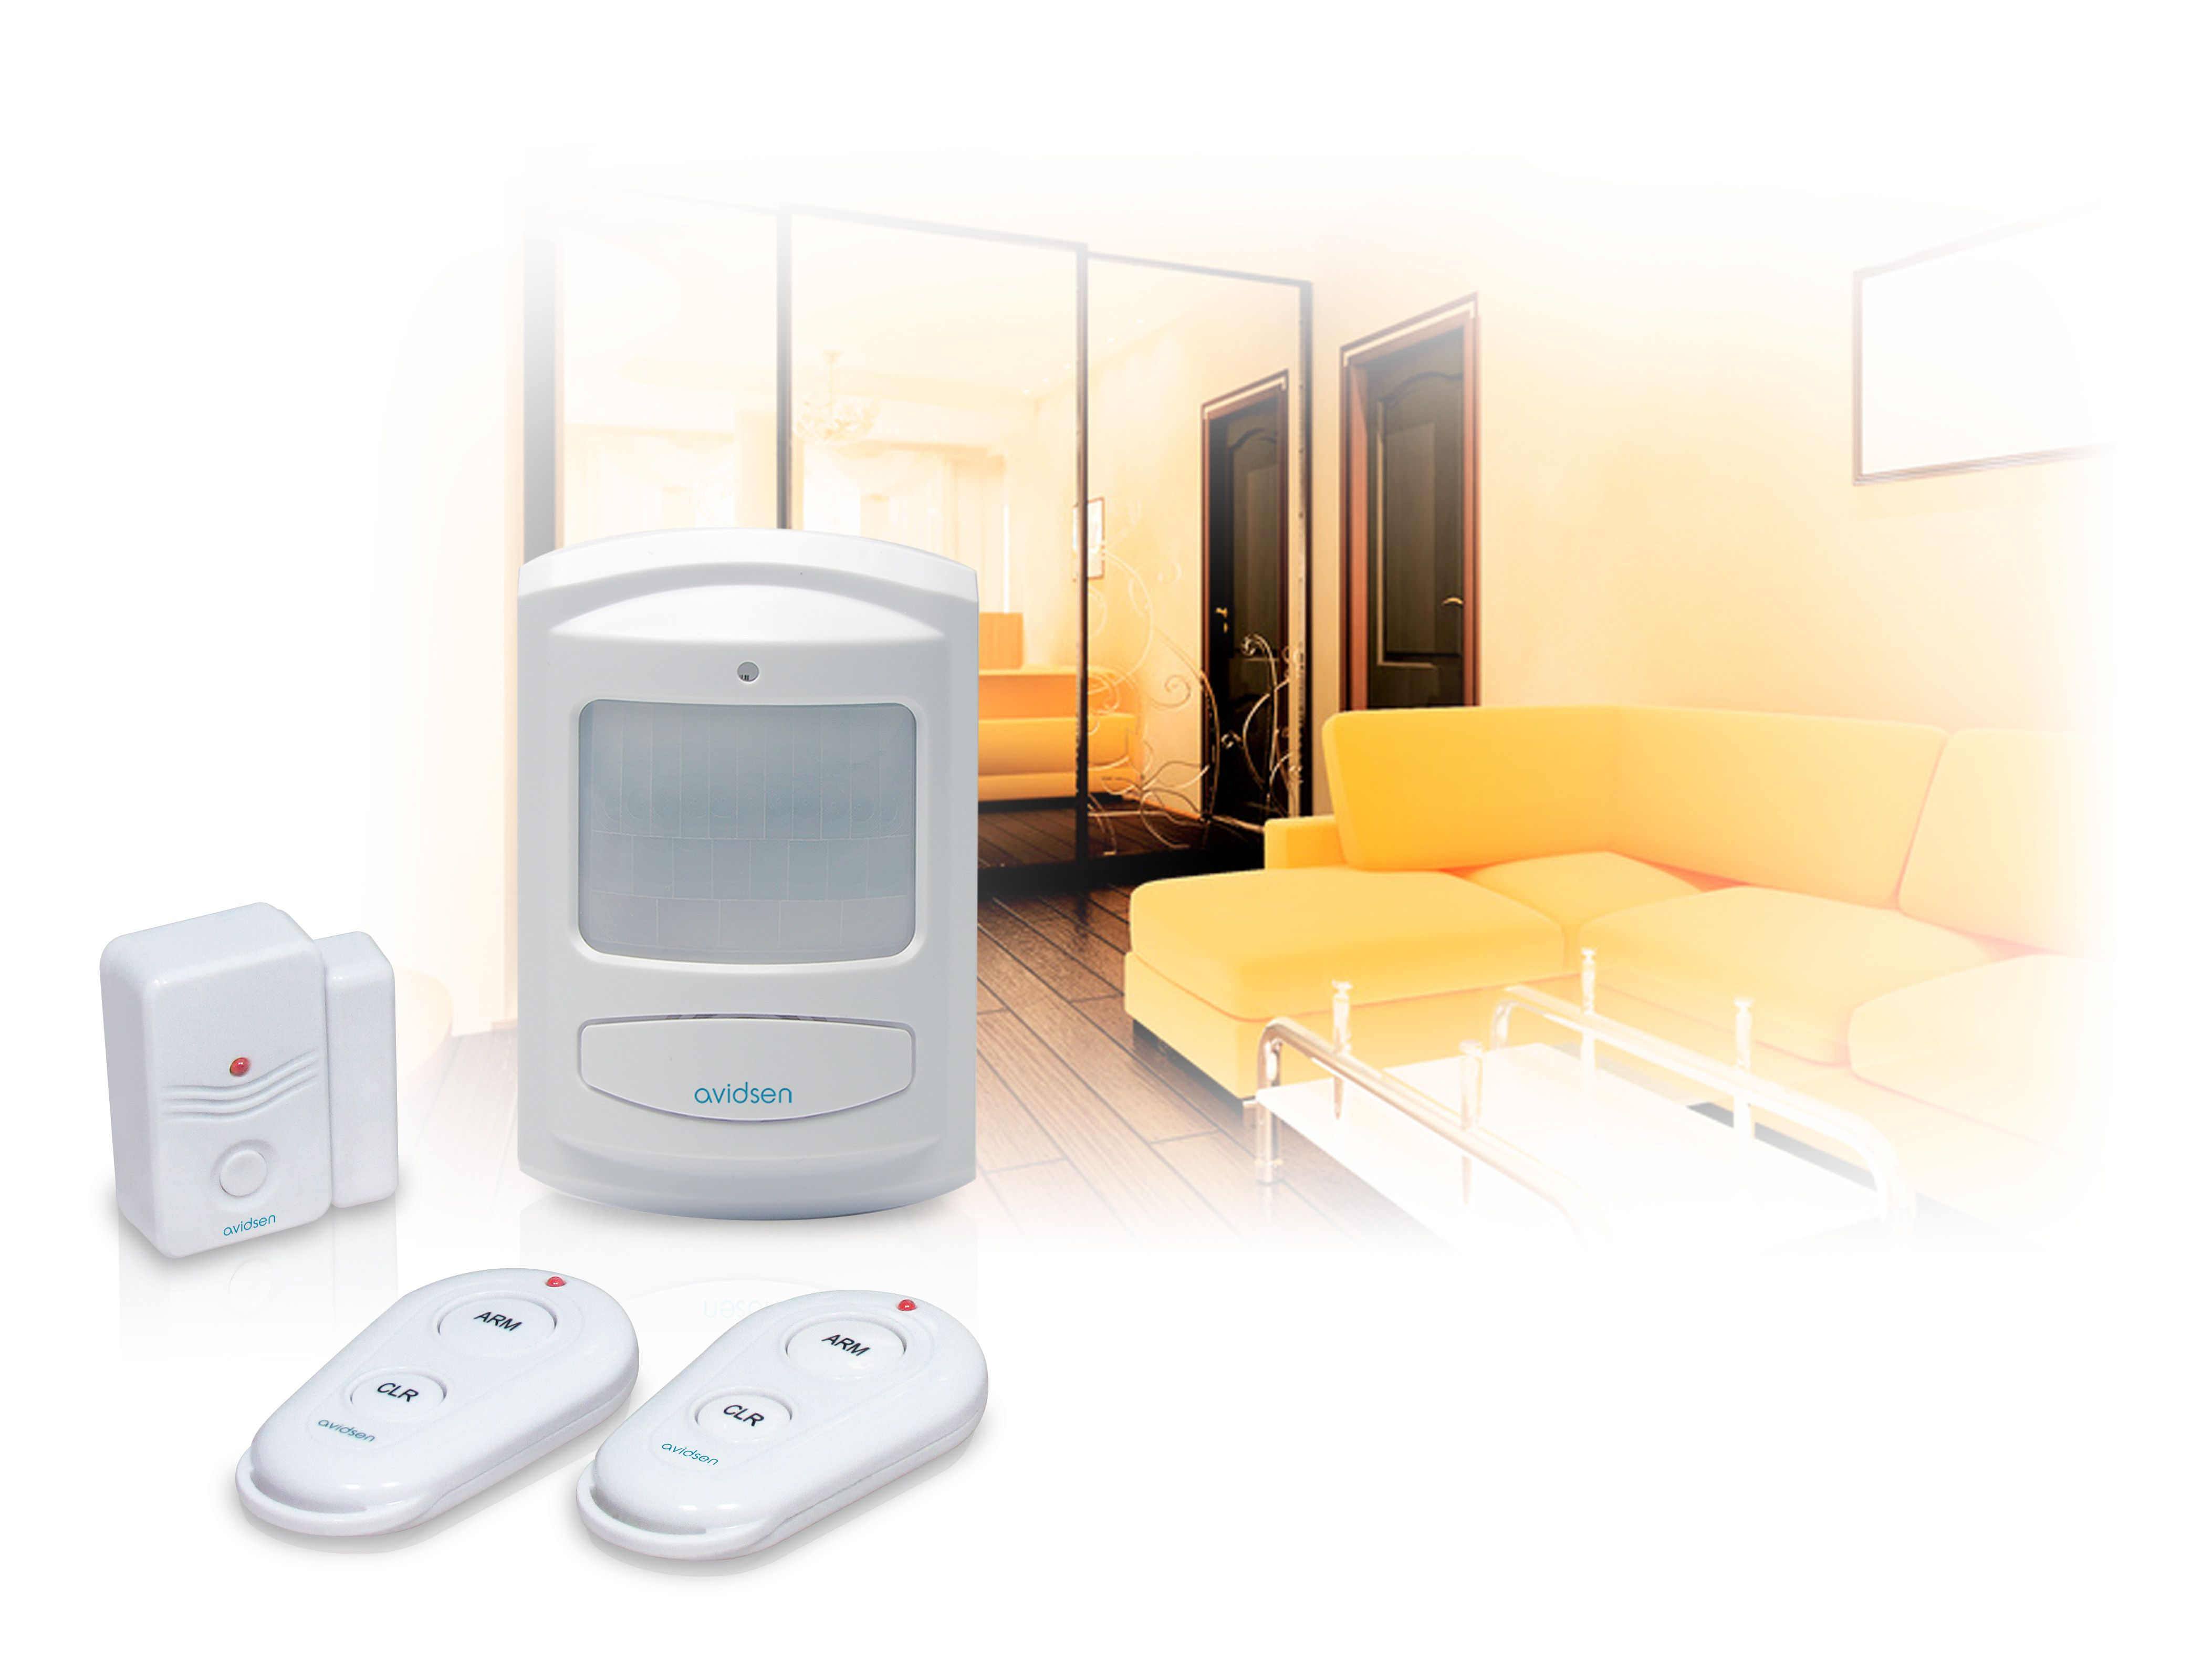 Nuovo Kit Allarme Wireless GSM di Avidsen per contrastare furti e rapine in casa